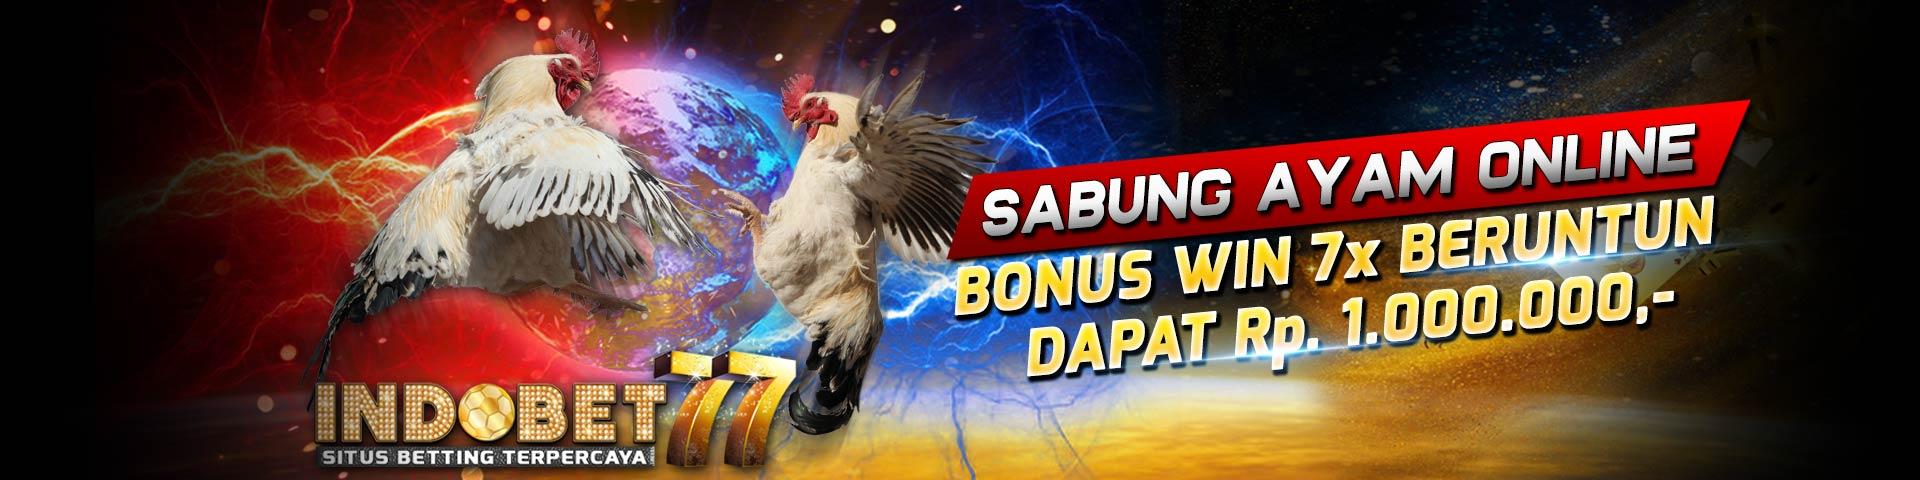 situs judi agen sabung ayam online s128 dan sv388 indonesia